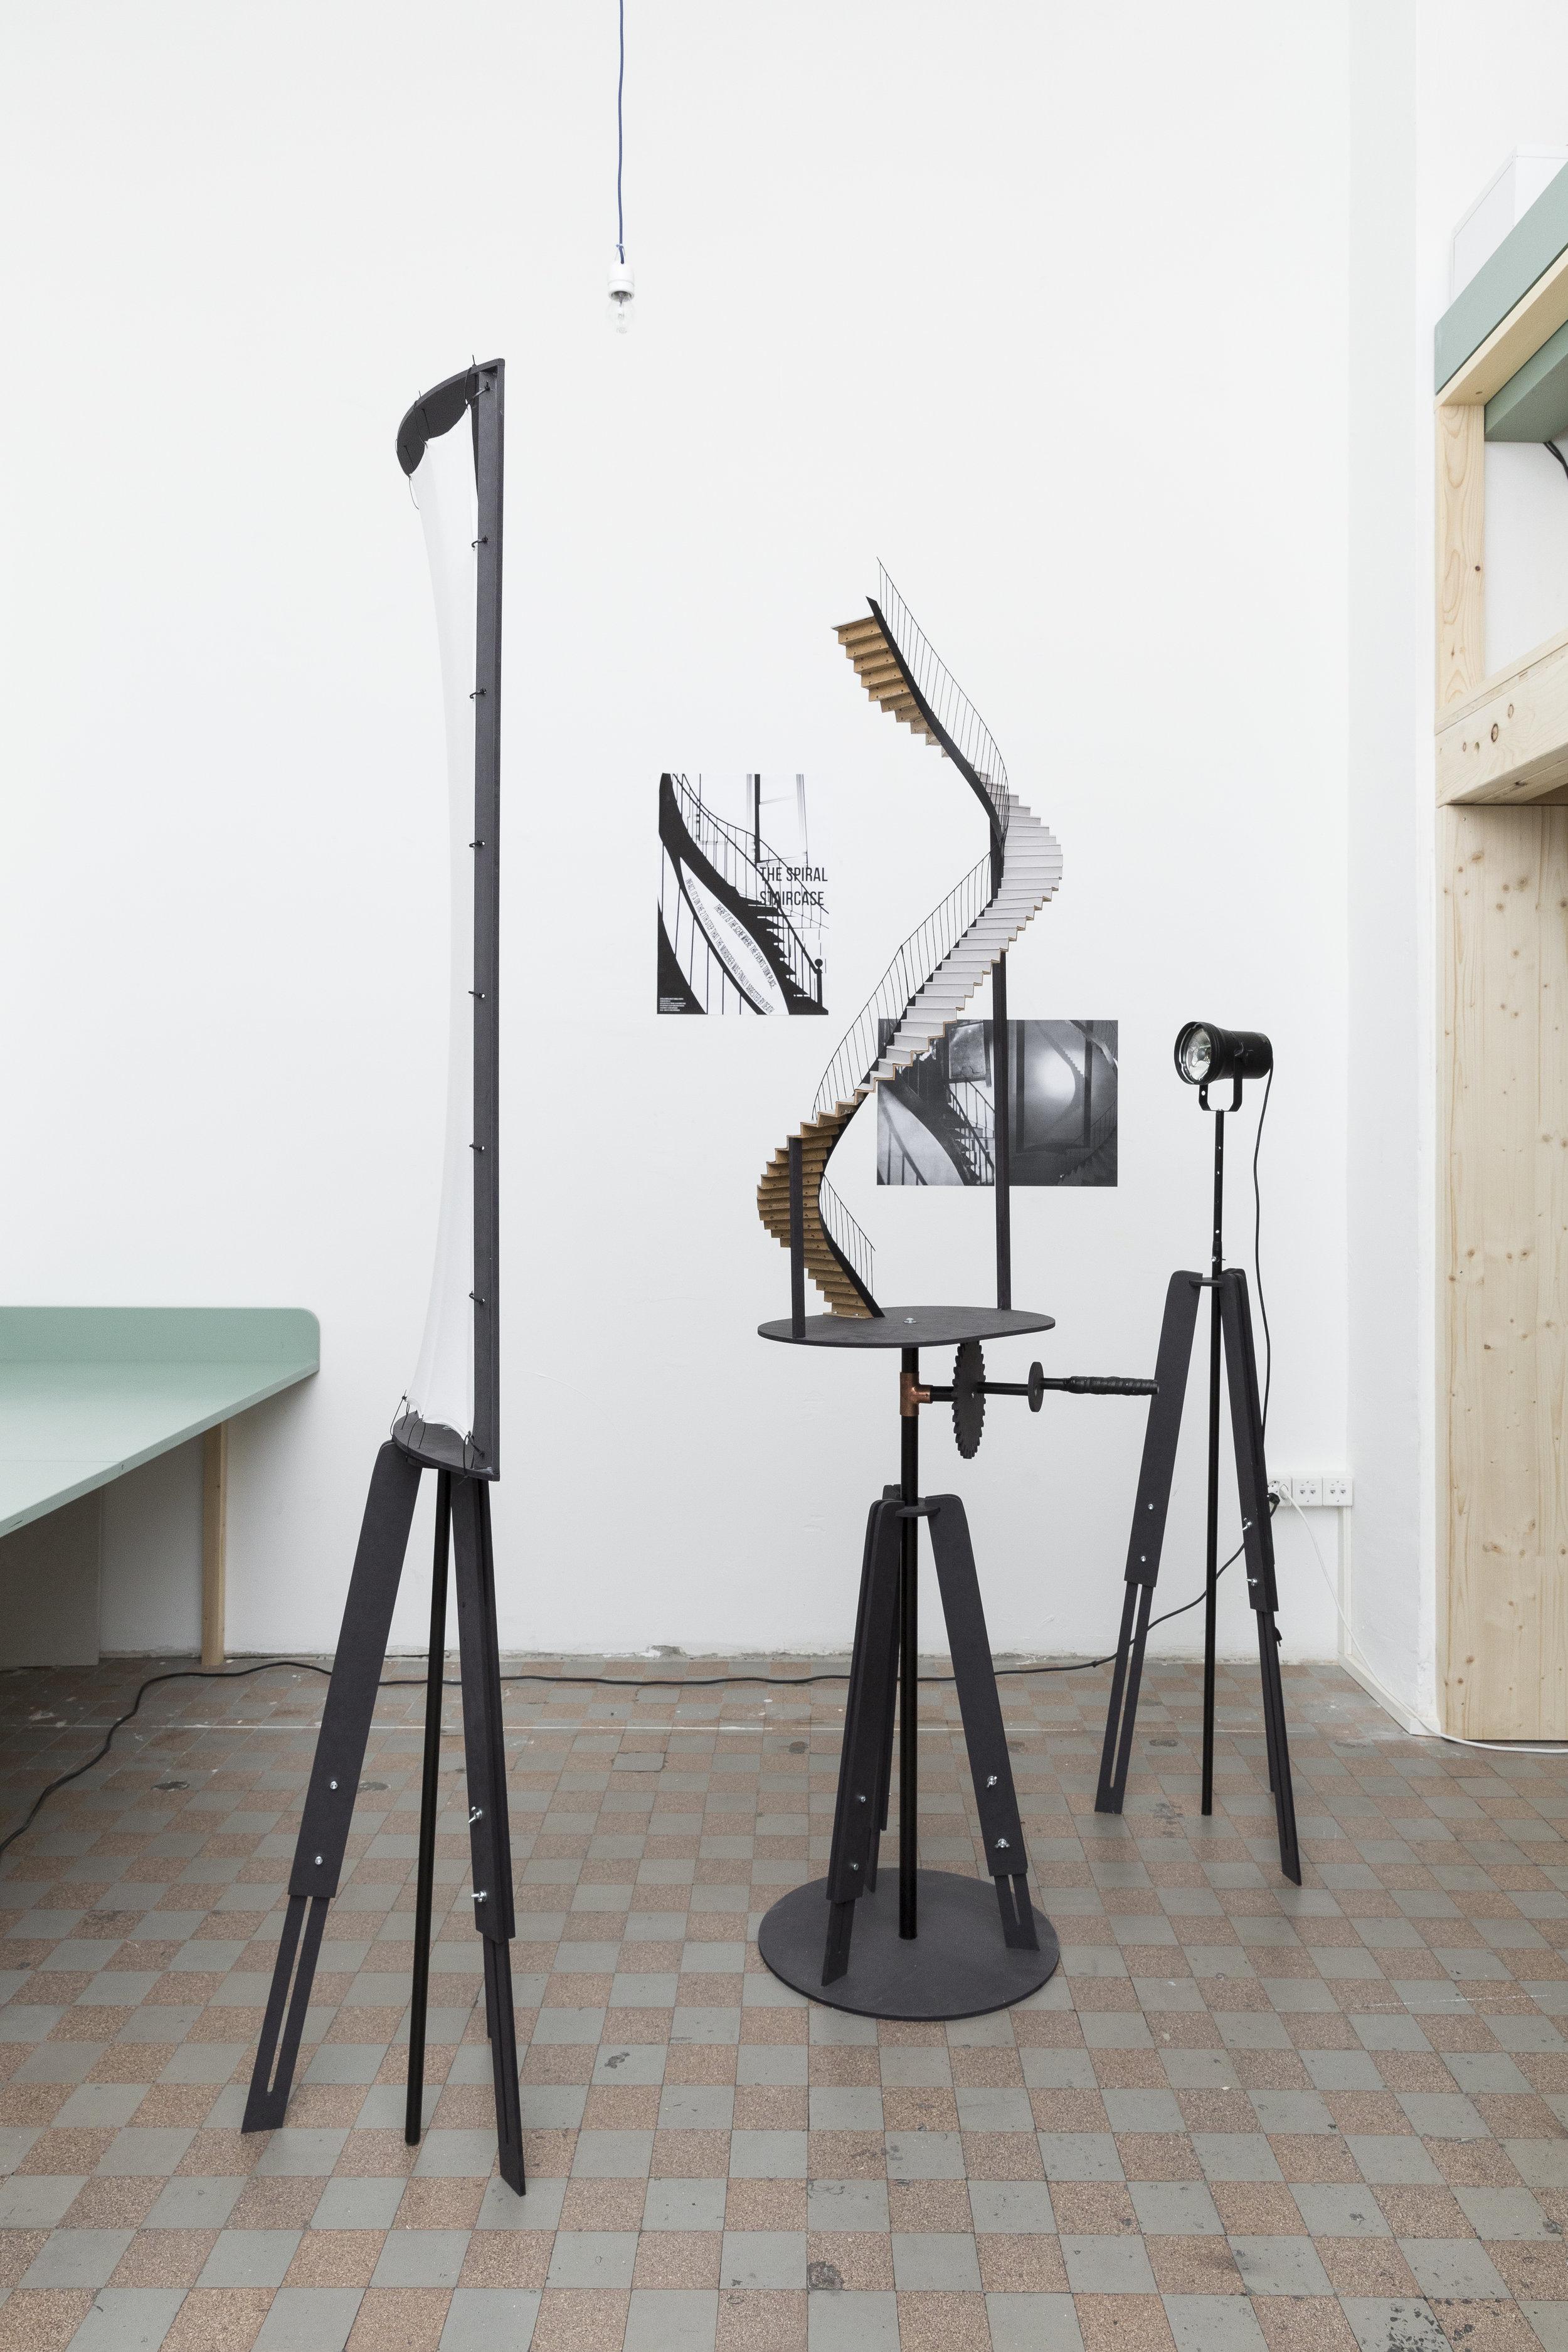 Projet  Scene de menage outils de la vie domestique.Machines a voir; Atelier de Youri Kravchenko; Projet d' Estelle Beroujon et Camille Berra (3).jpg